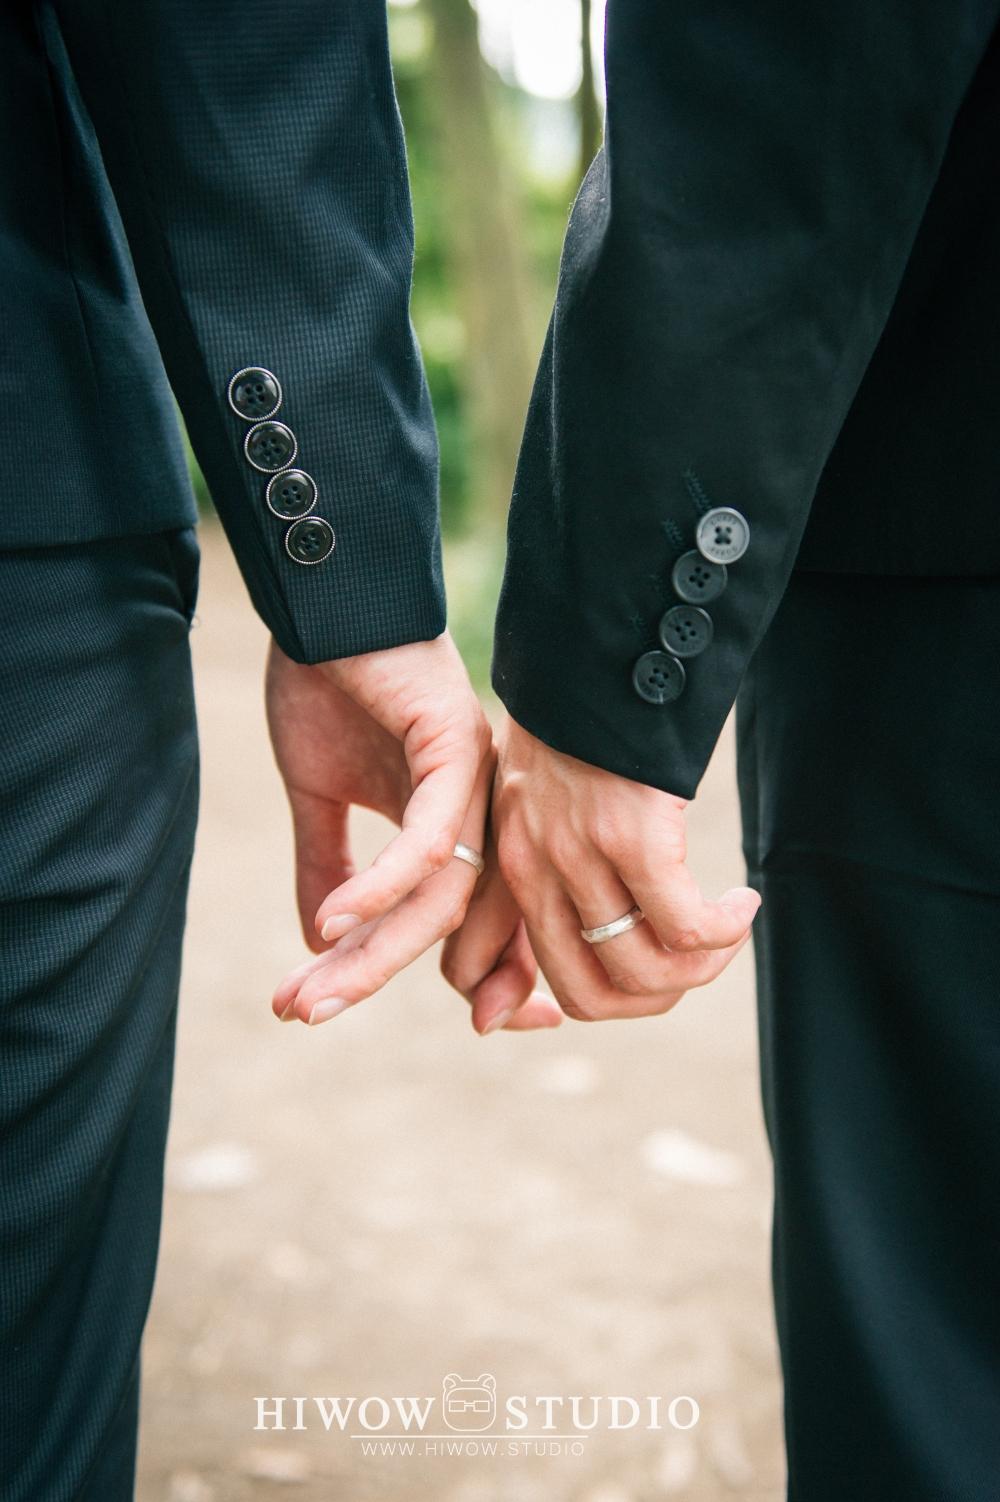 同志婚紗/海蛙攝影/austin/hiwow.studio/婚姻平權/自助婚紗/情侶寫真/陽明山黑森林